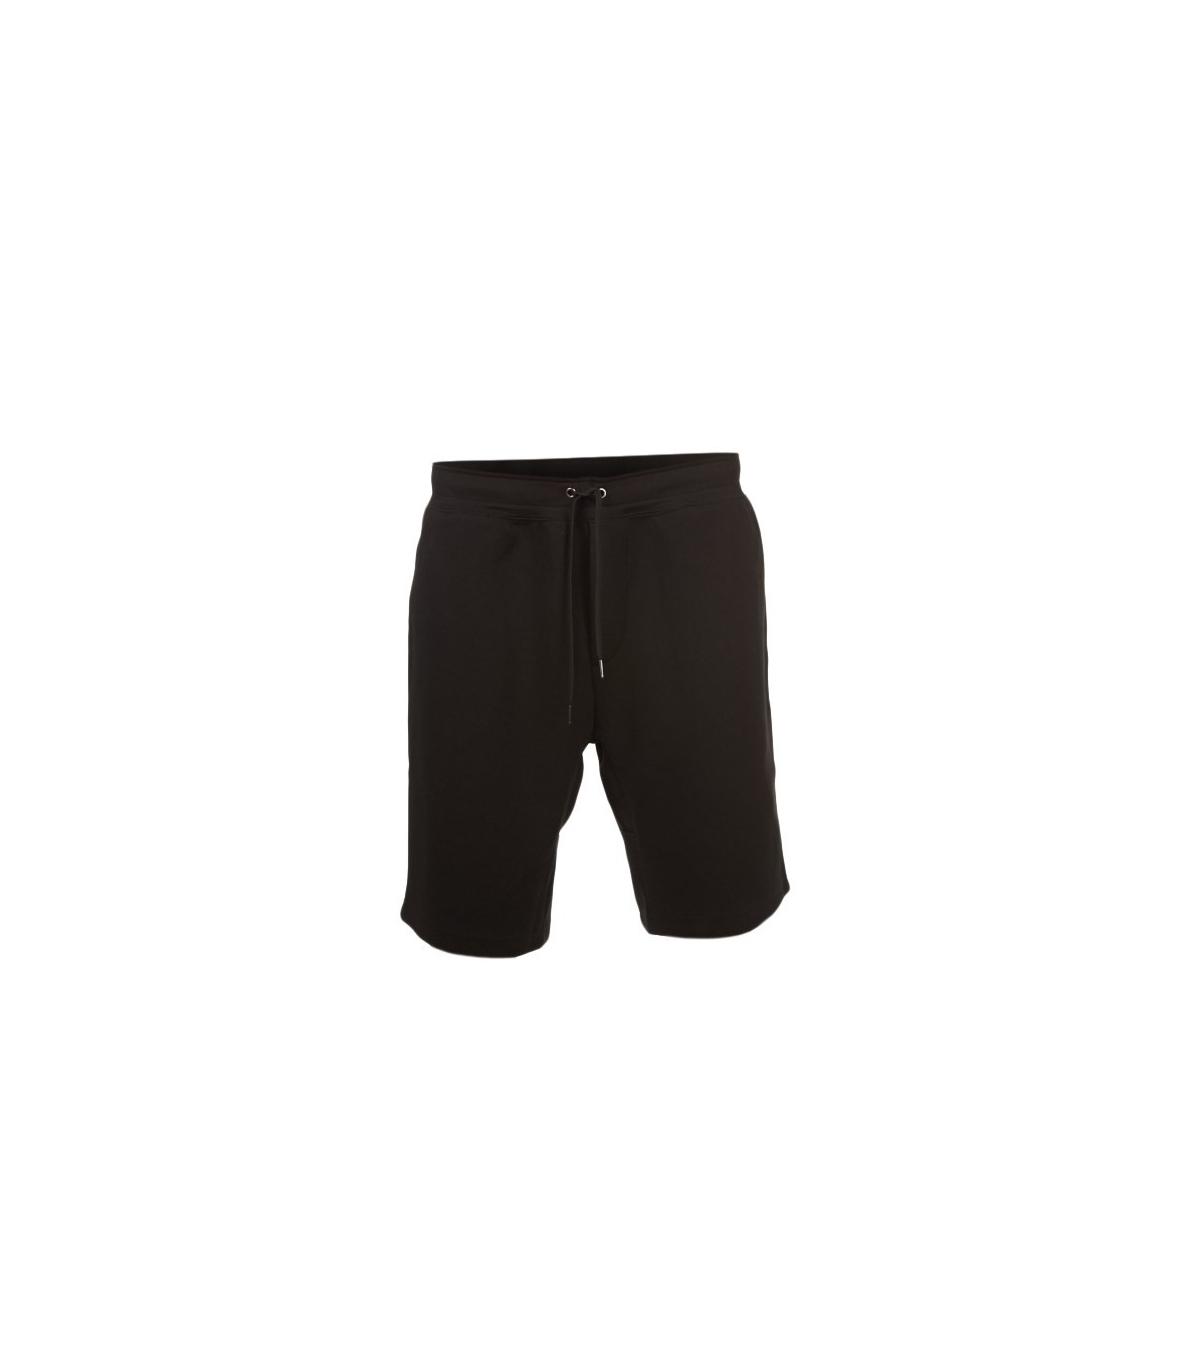 Buy Bermuda Ralph Lauren Noir d560bf1ecc8f